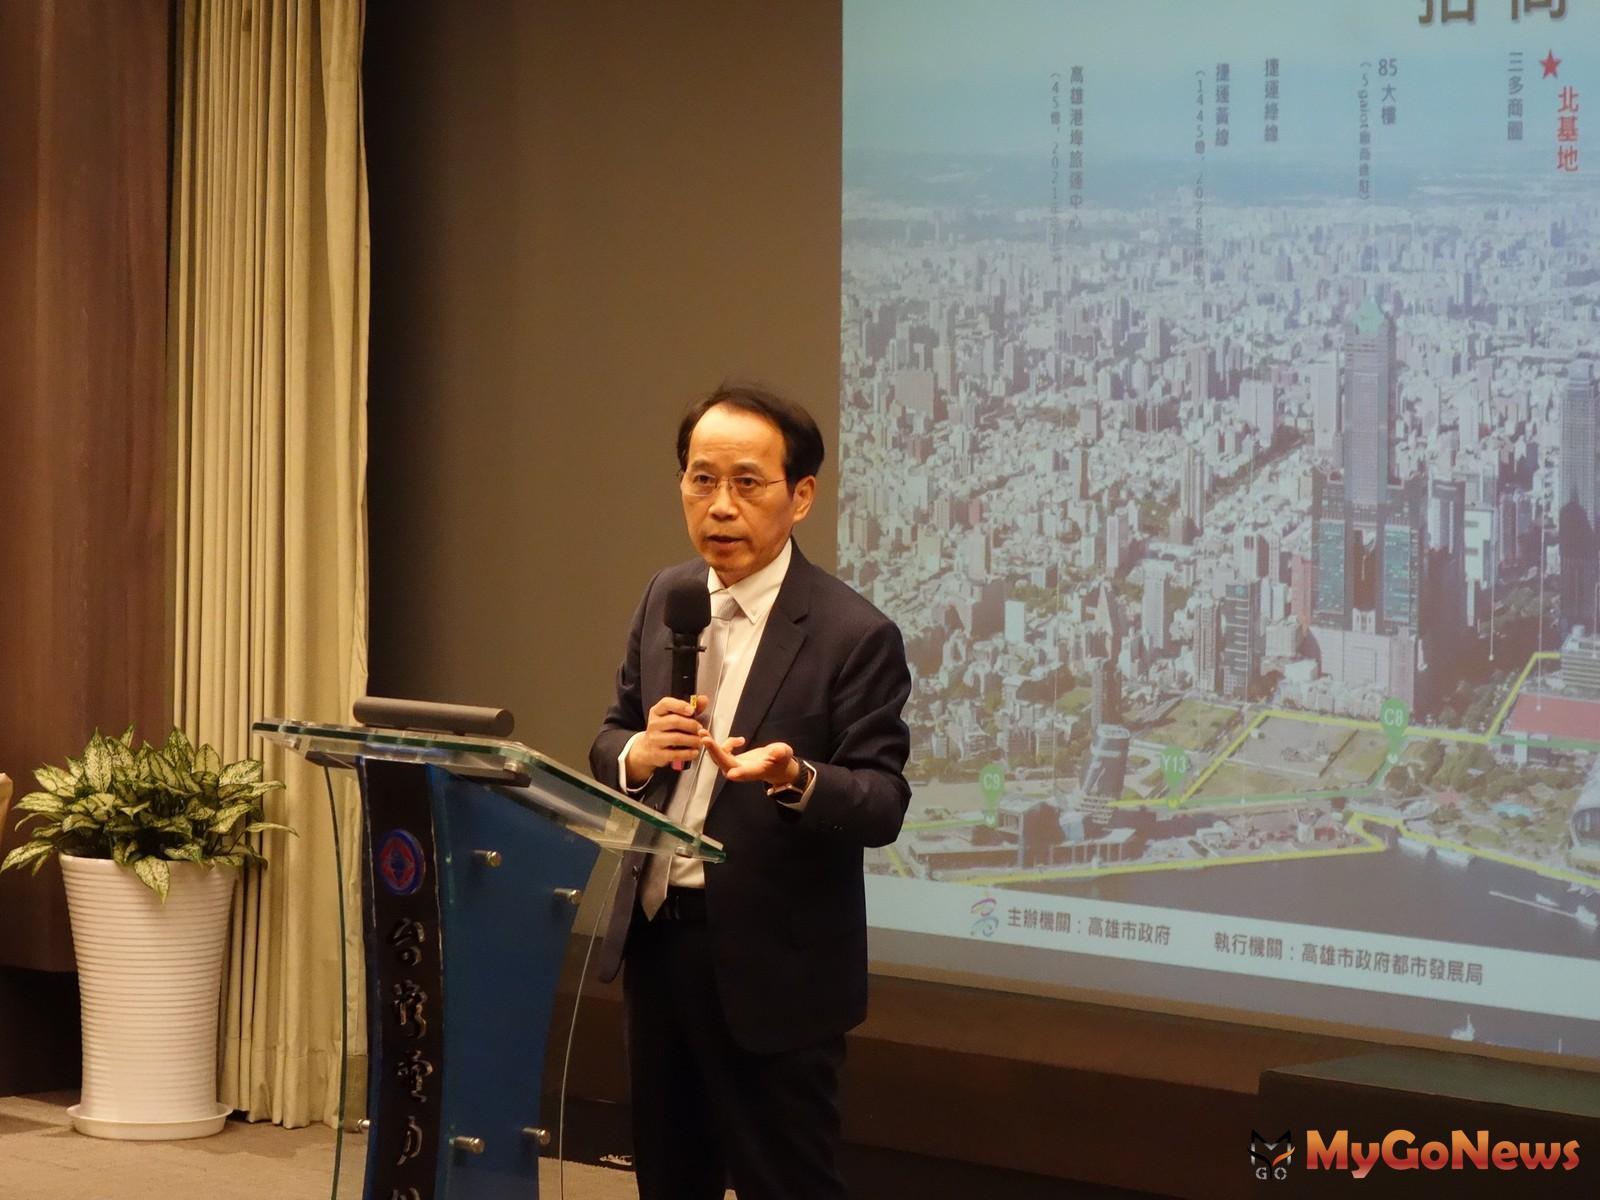 林欽榮副市長表示「特貿三」基地所在的「亞洲新灣區」,是高雄待擦亮的珍珠,搭配5G AIot創新園區的發展,潛力無窮(圖/仲量聯行) MyGoNews房地產新聞 市場快訊